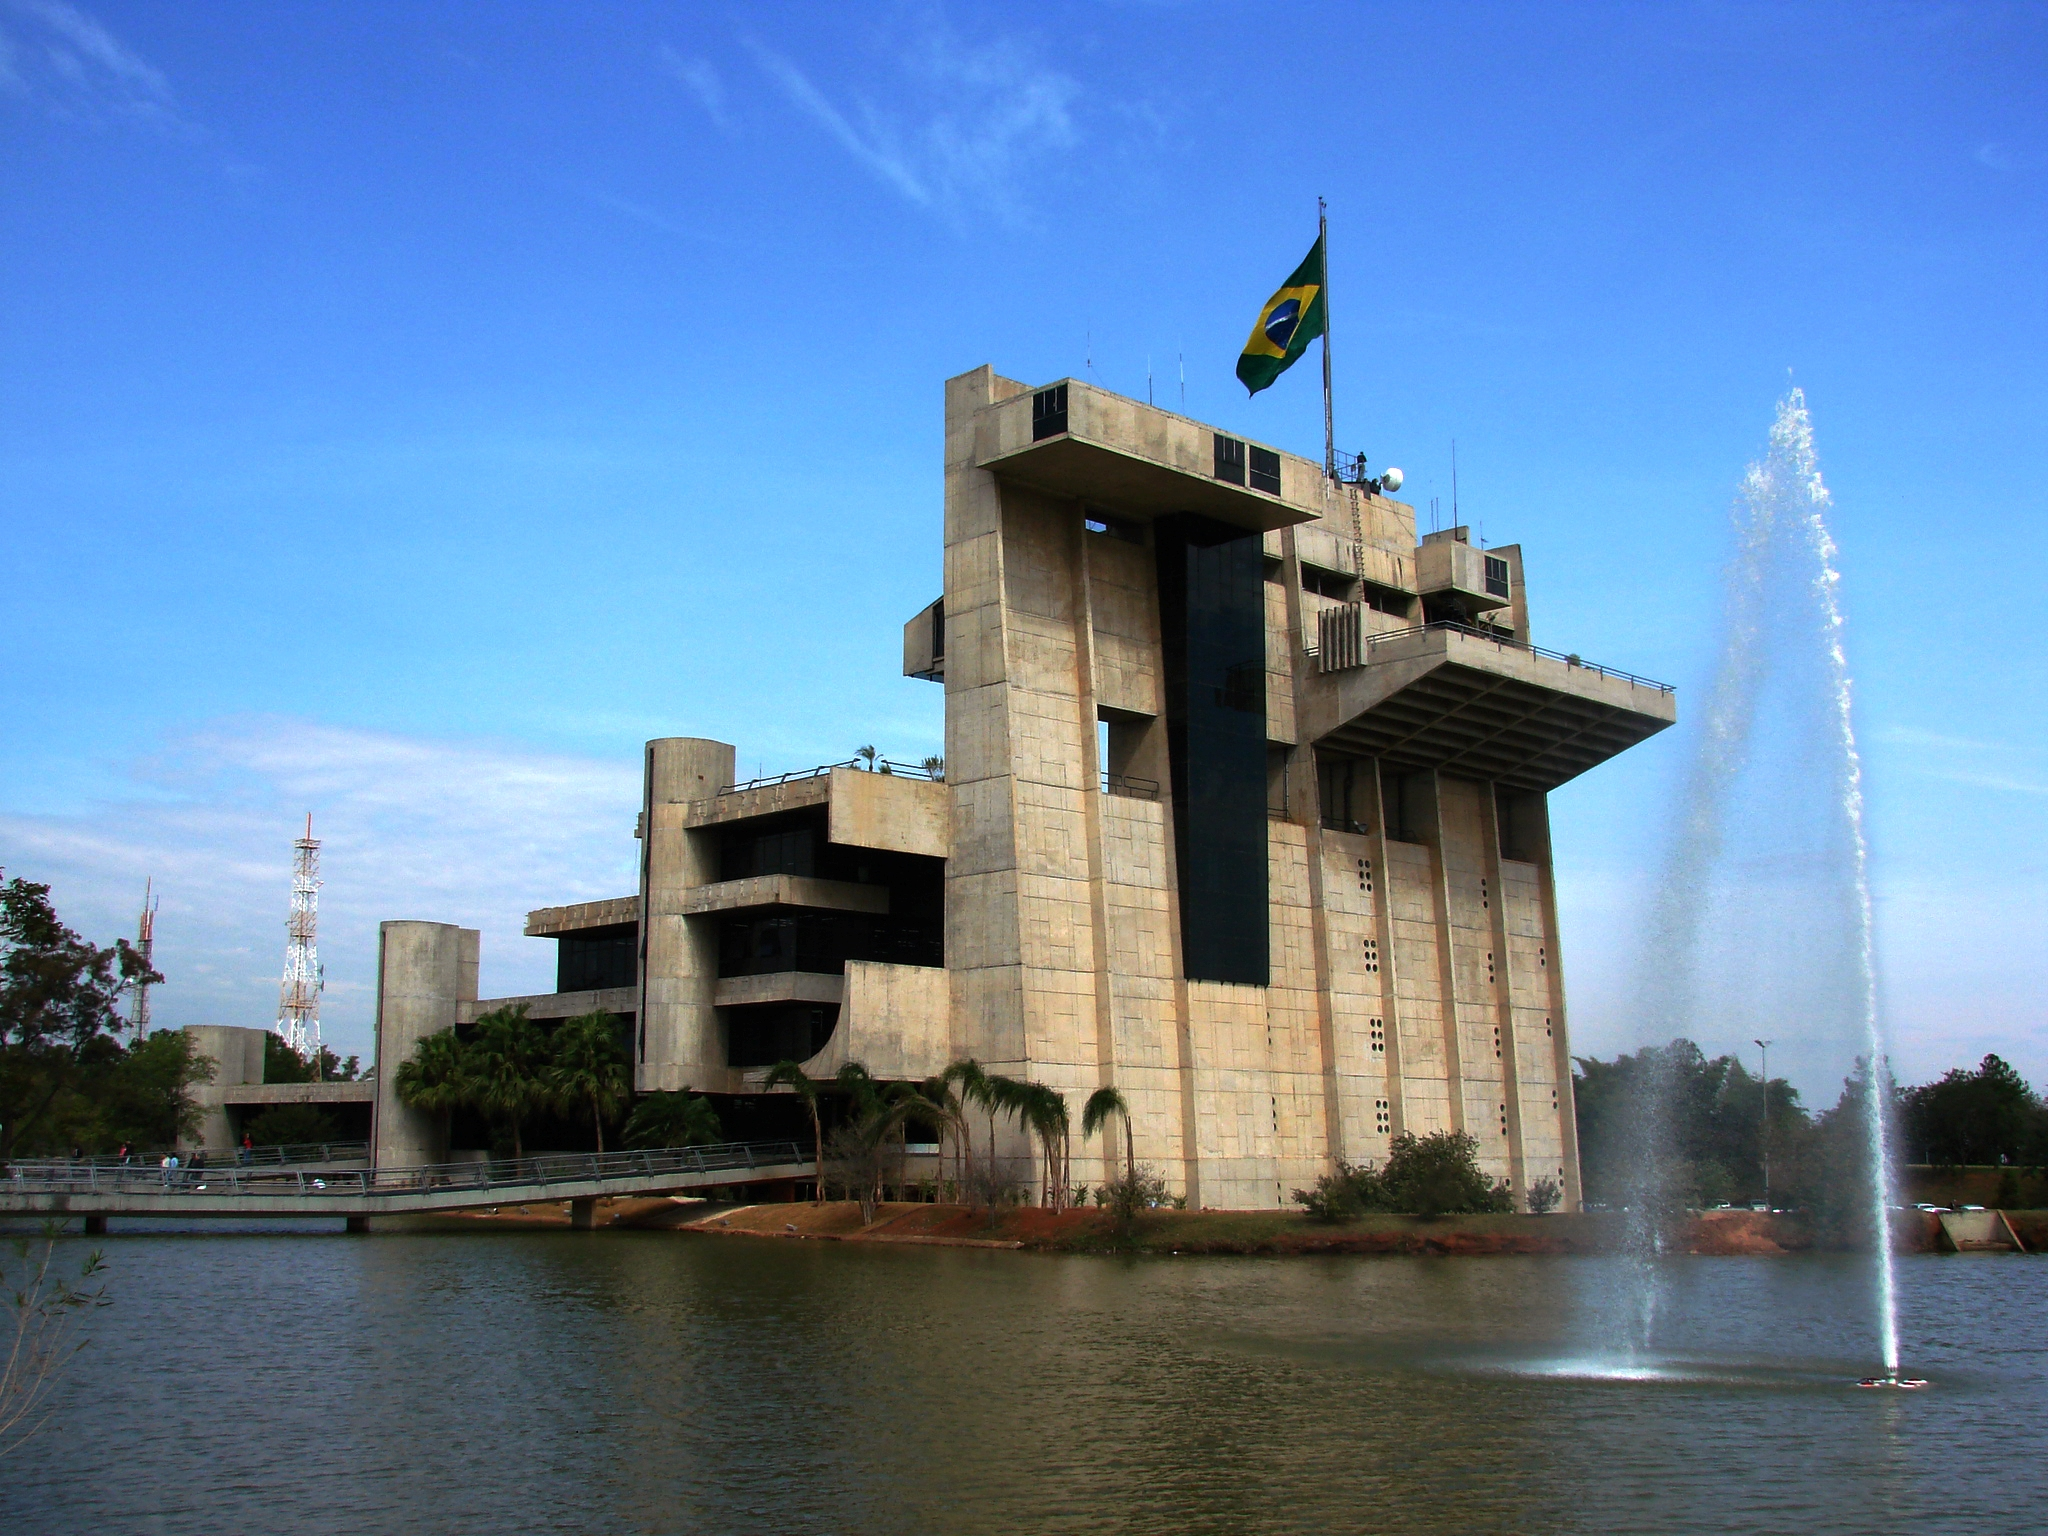 Representação apresentada ao MP mostra indícios de superfaturamento em contrato entre Prefeitura de Sorocaba e terceirizada